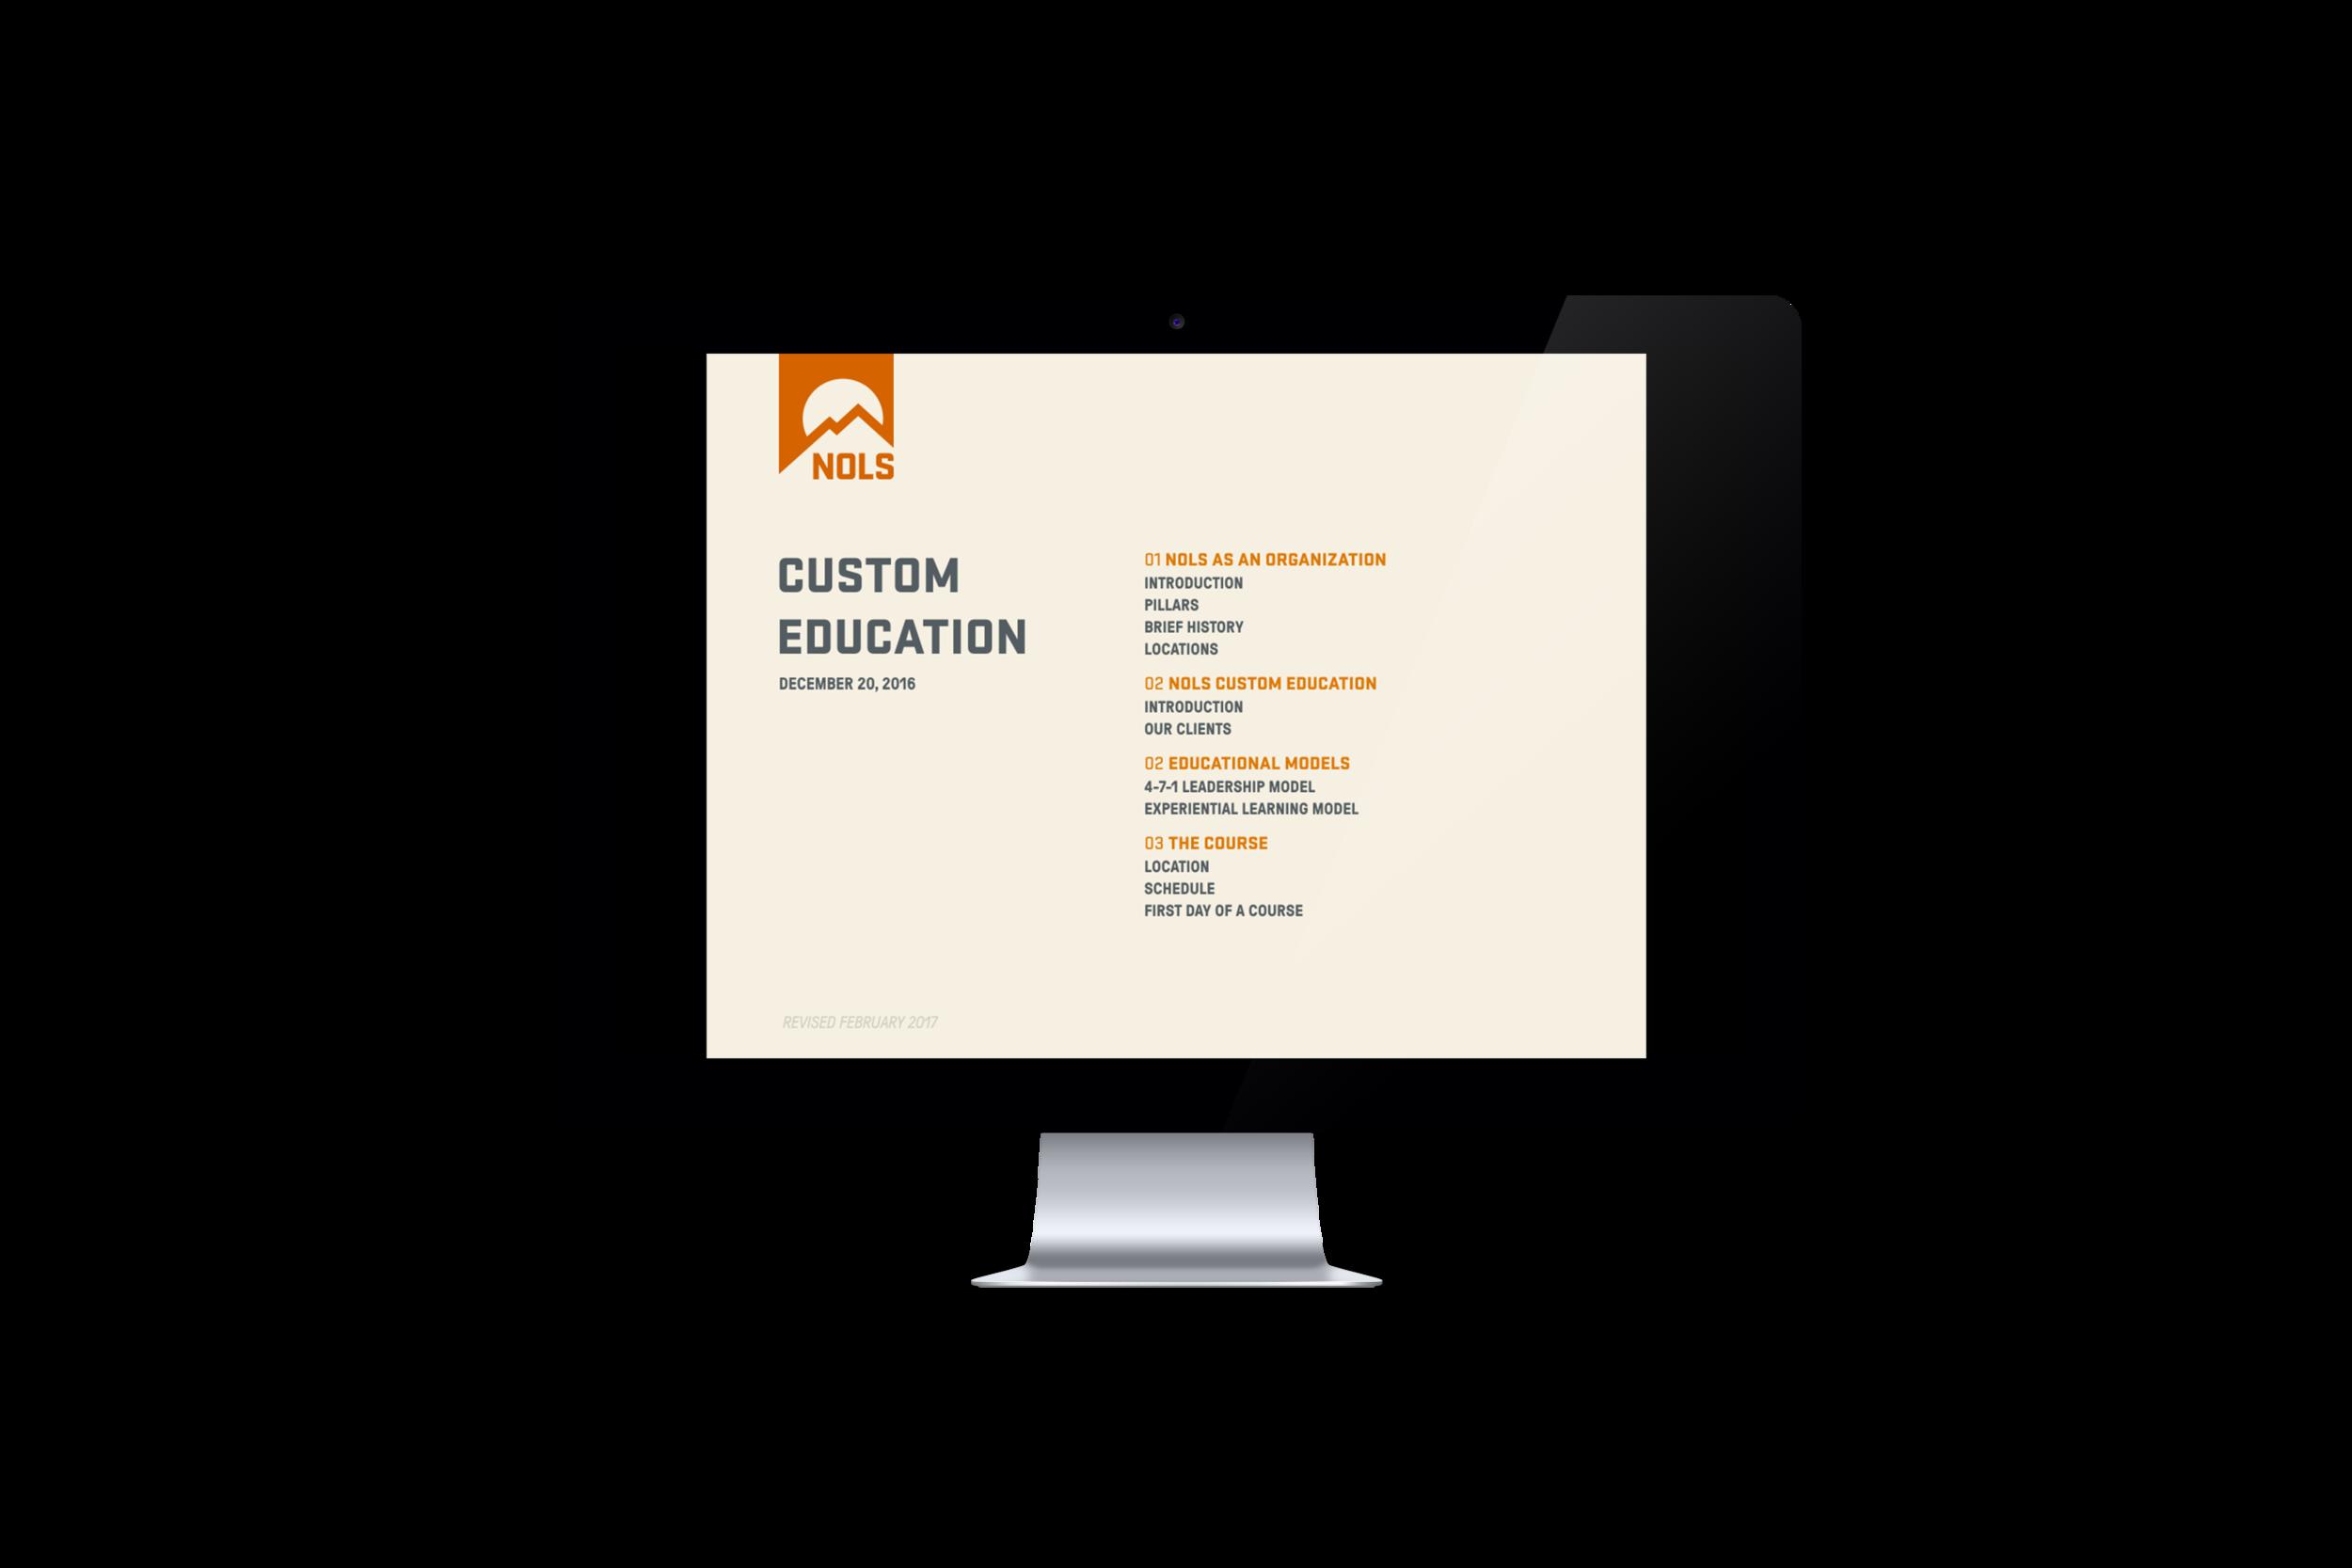 CustomEdKeynote_FinalDraft.003.png